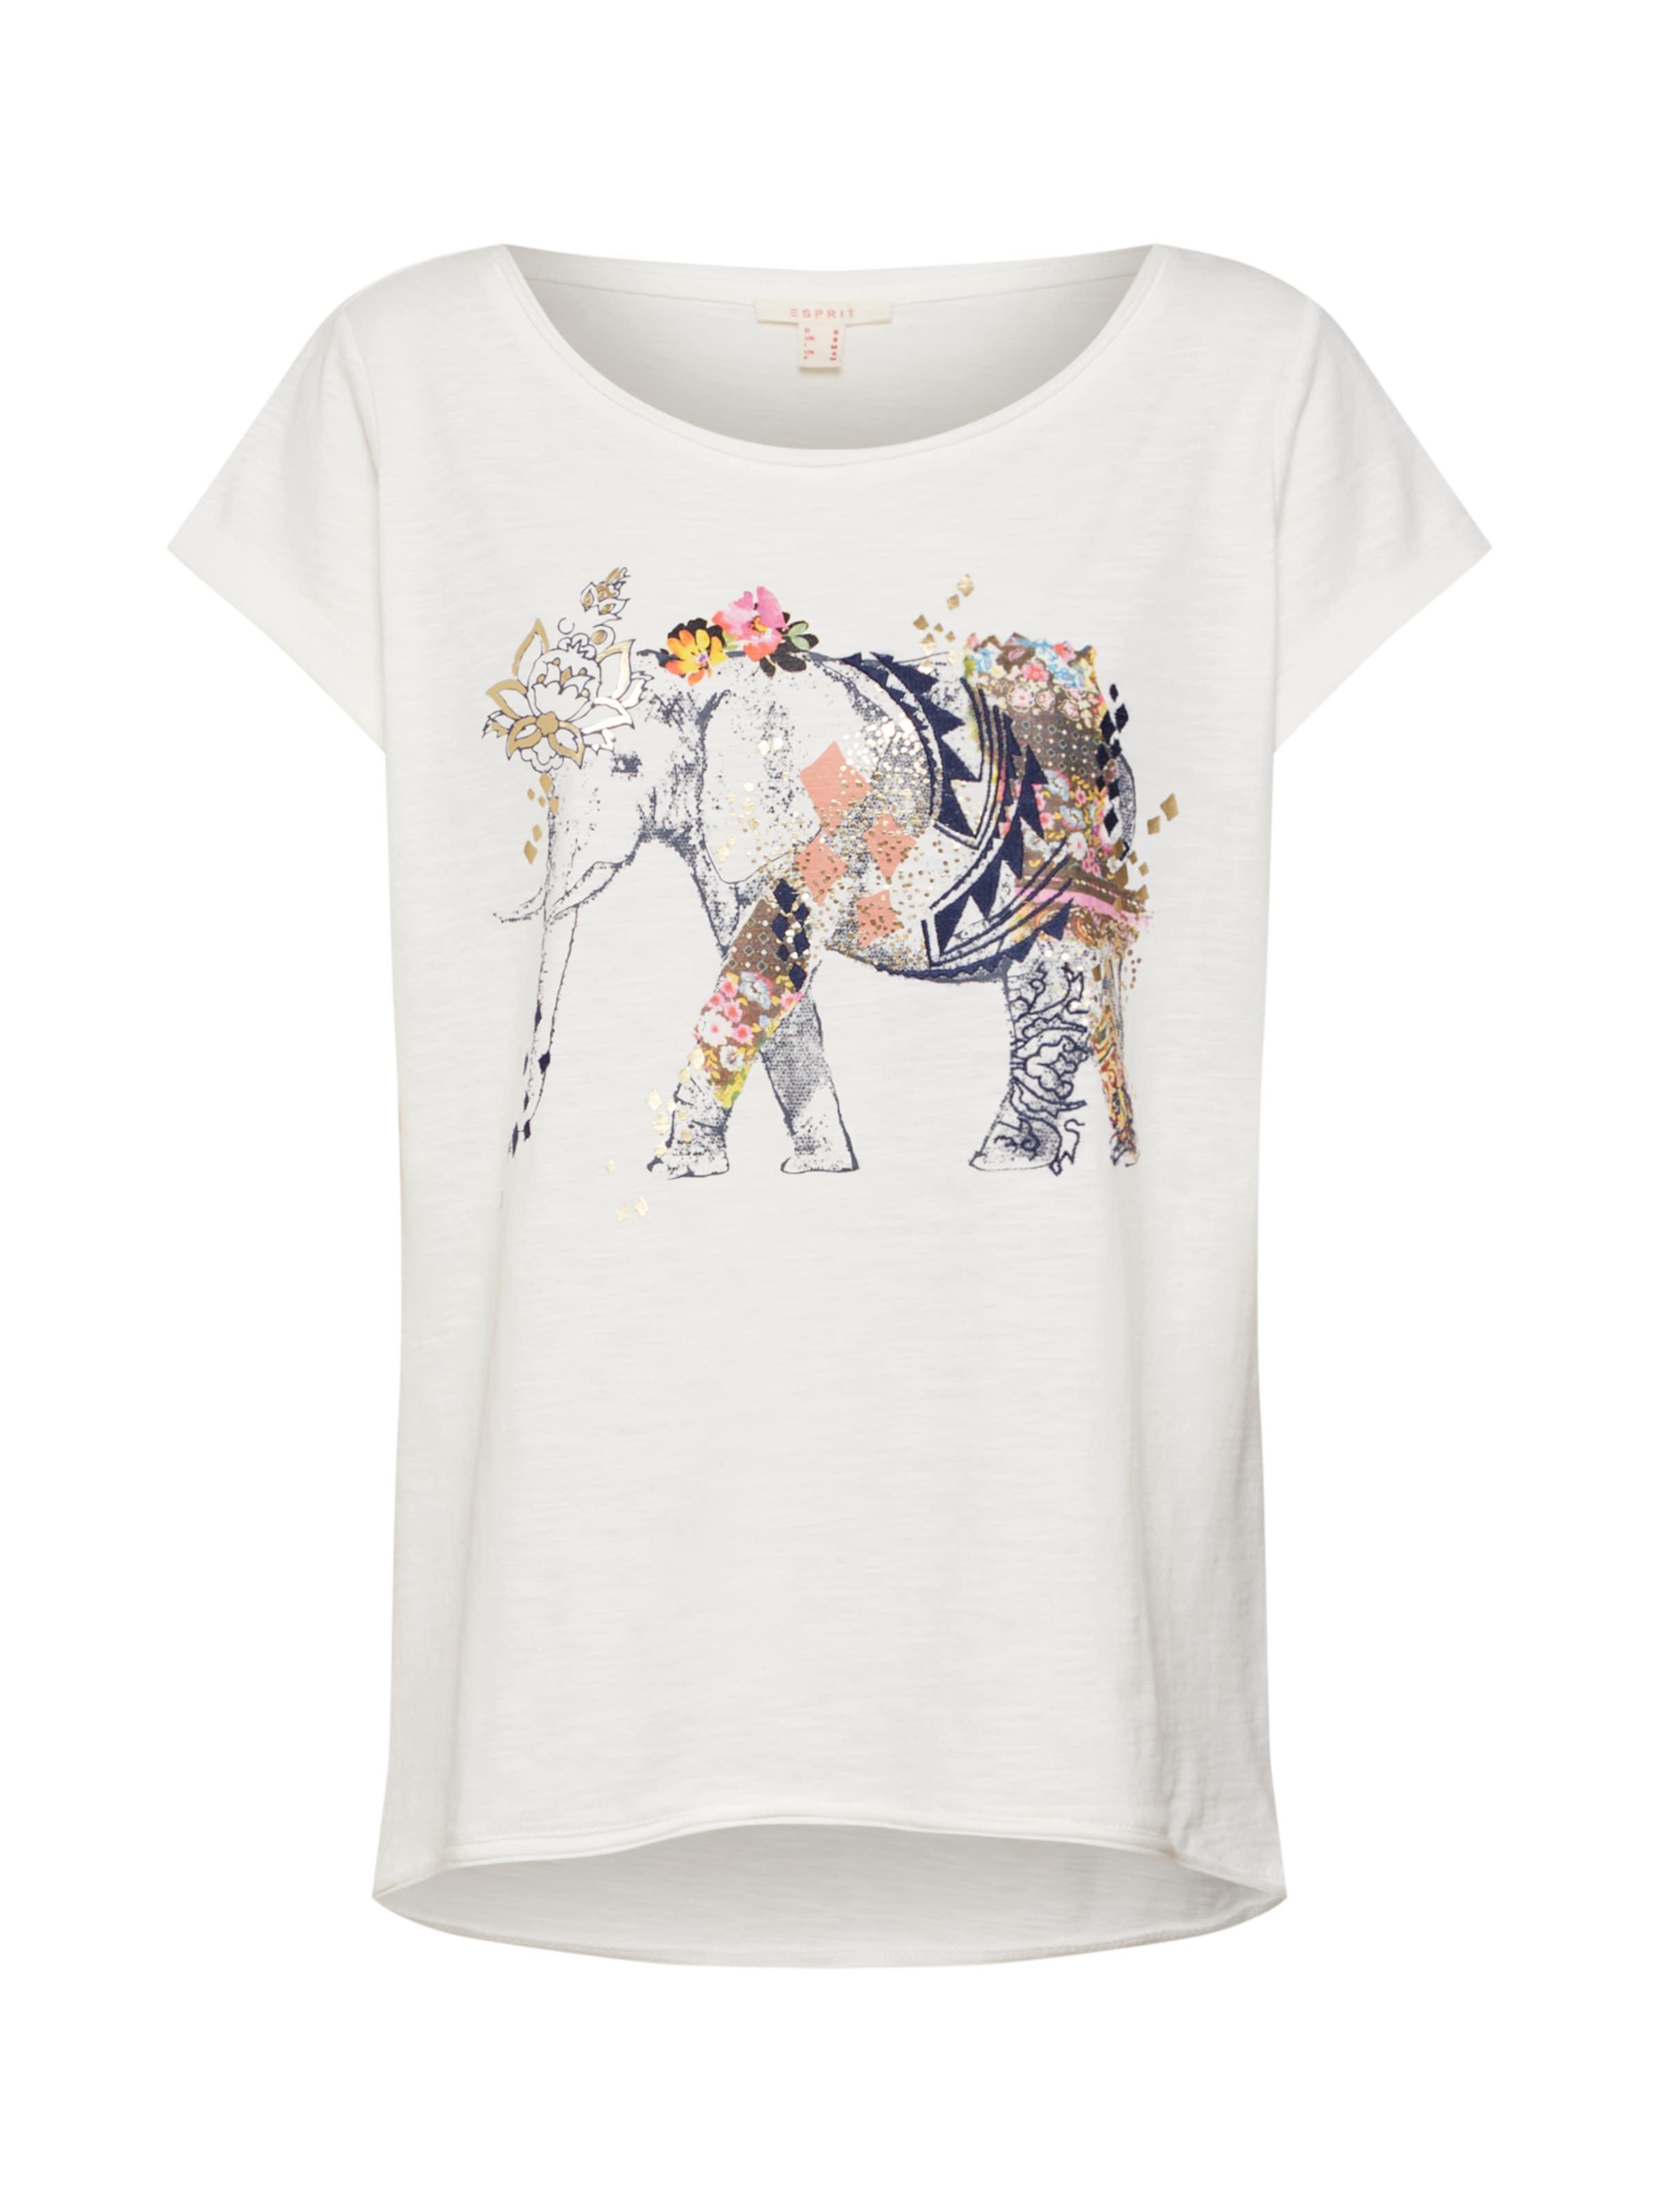 MischfarbenOffwhite In Shirt Esprit Esprit In MischfarbenOffwhite Shirt Esprit nwN8mv0O